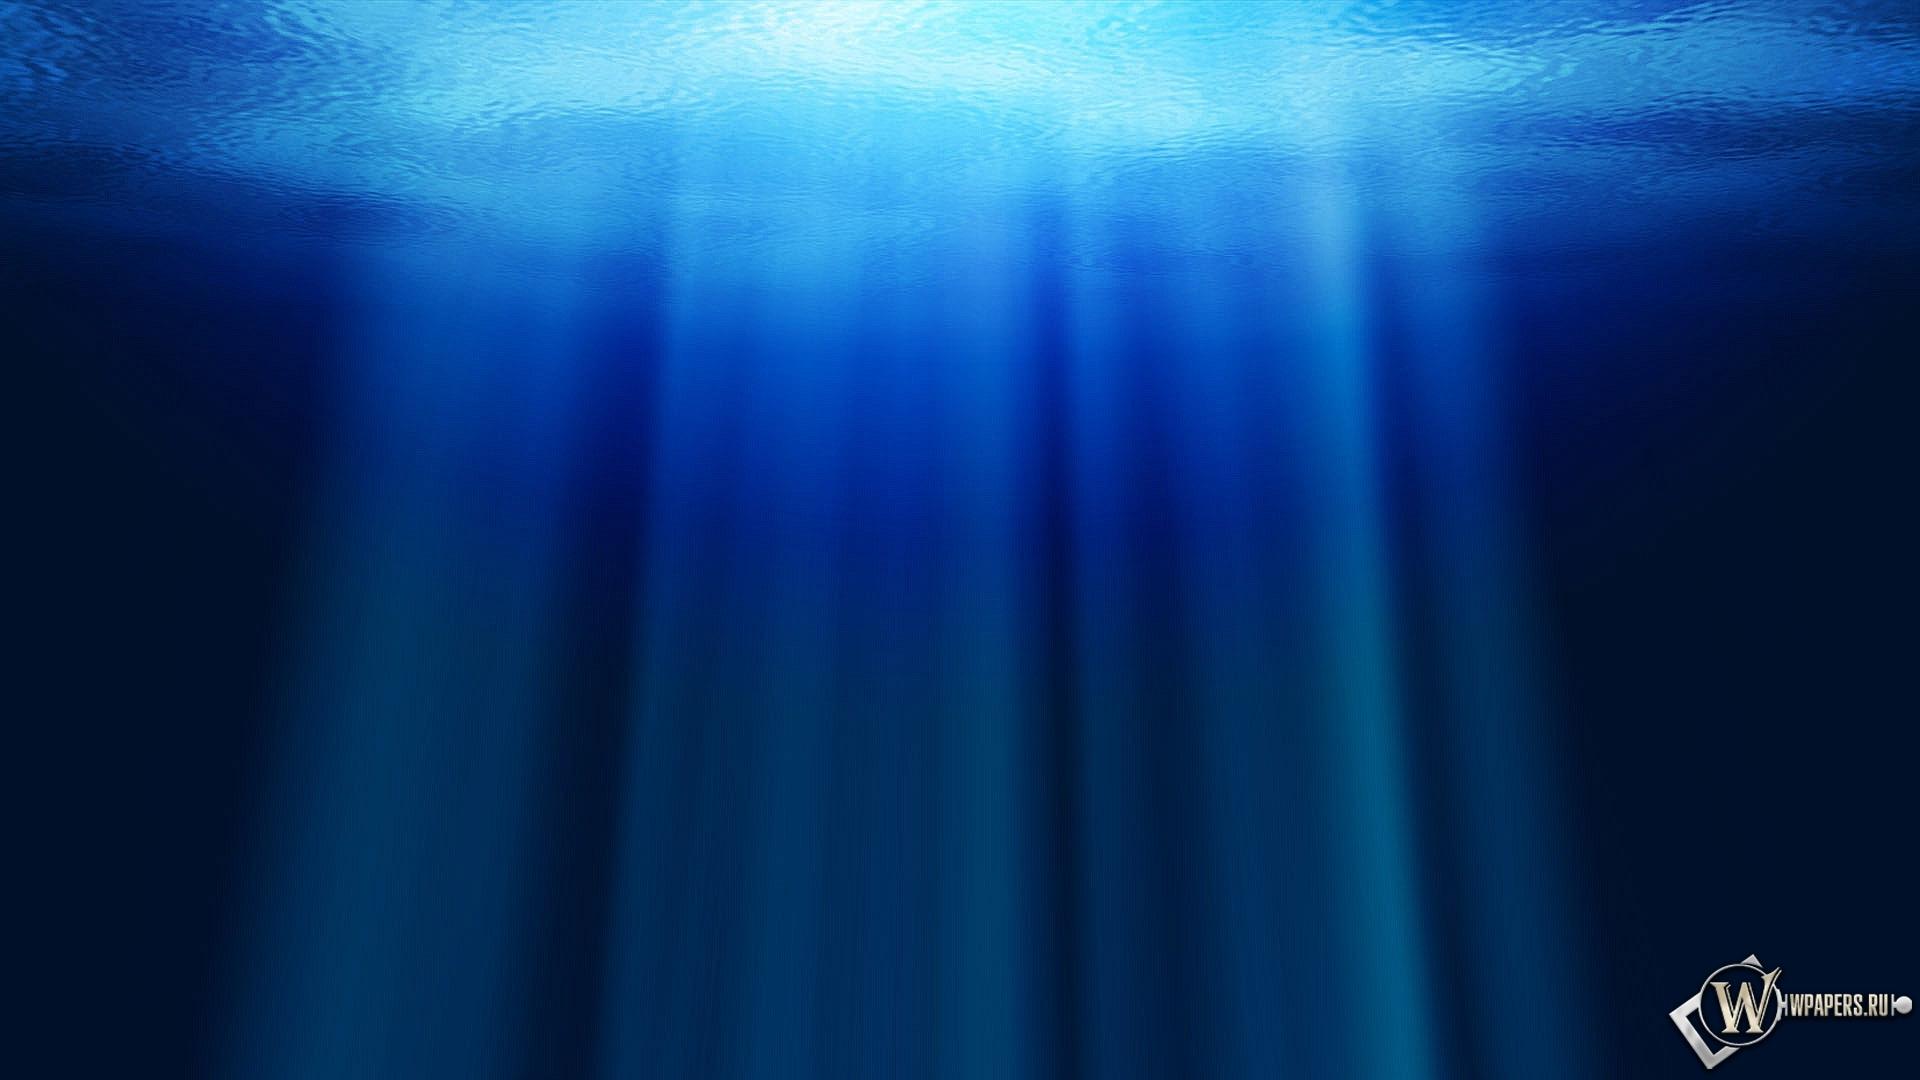 Под водой 1920x1080